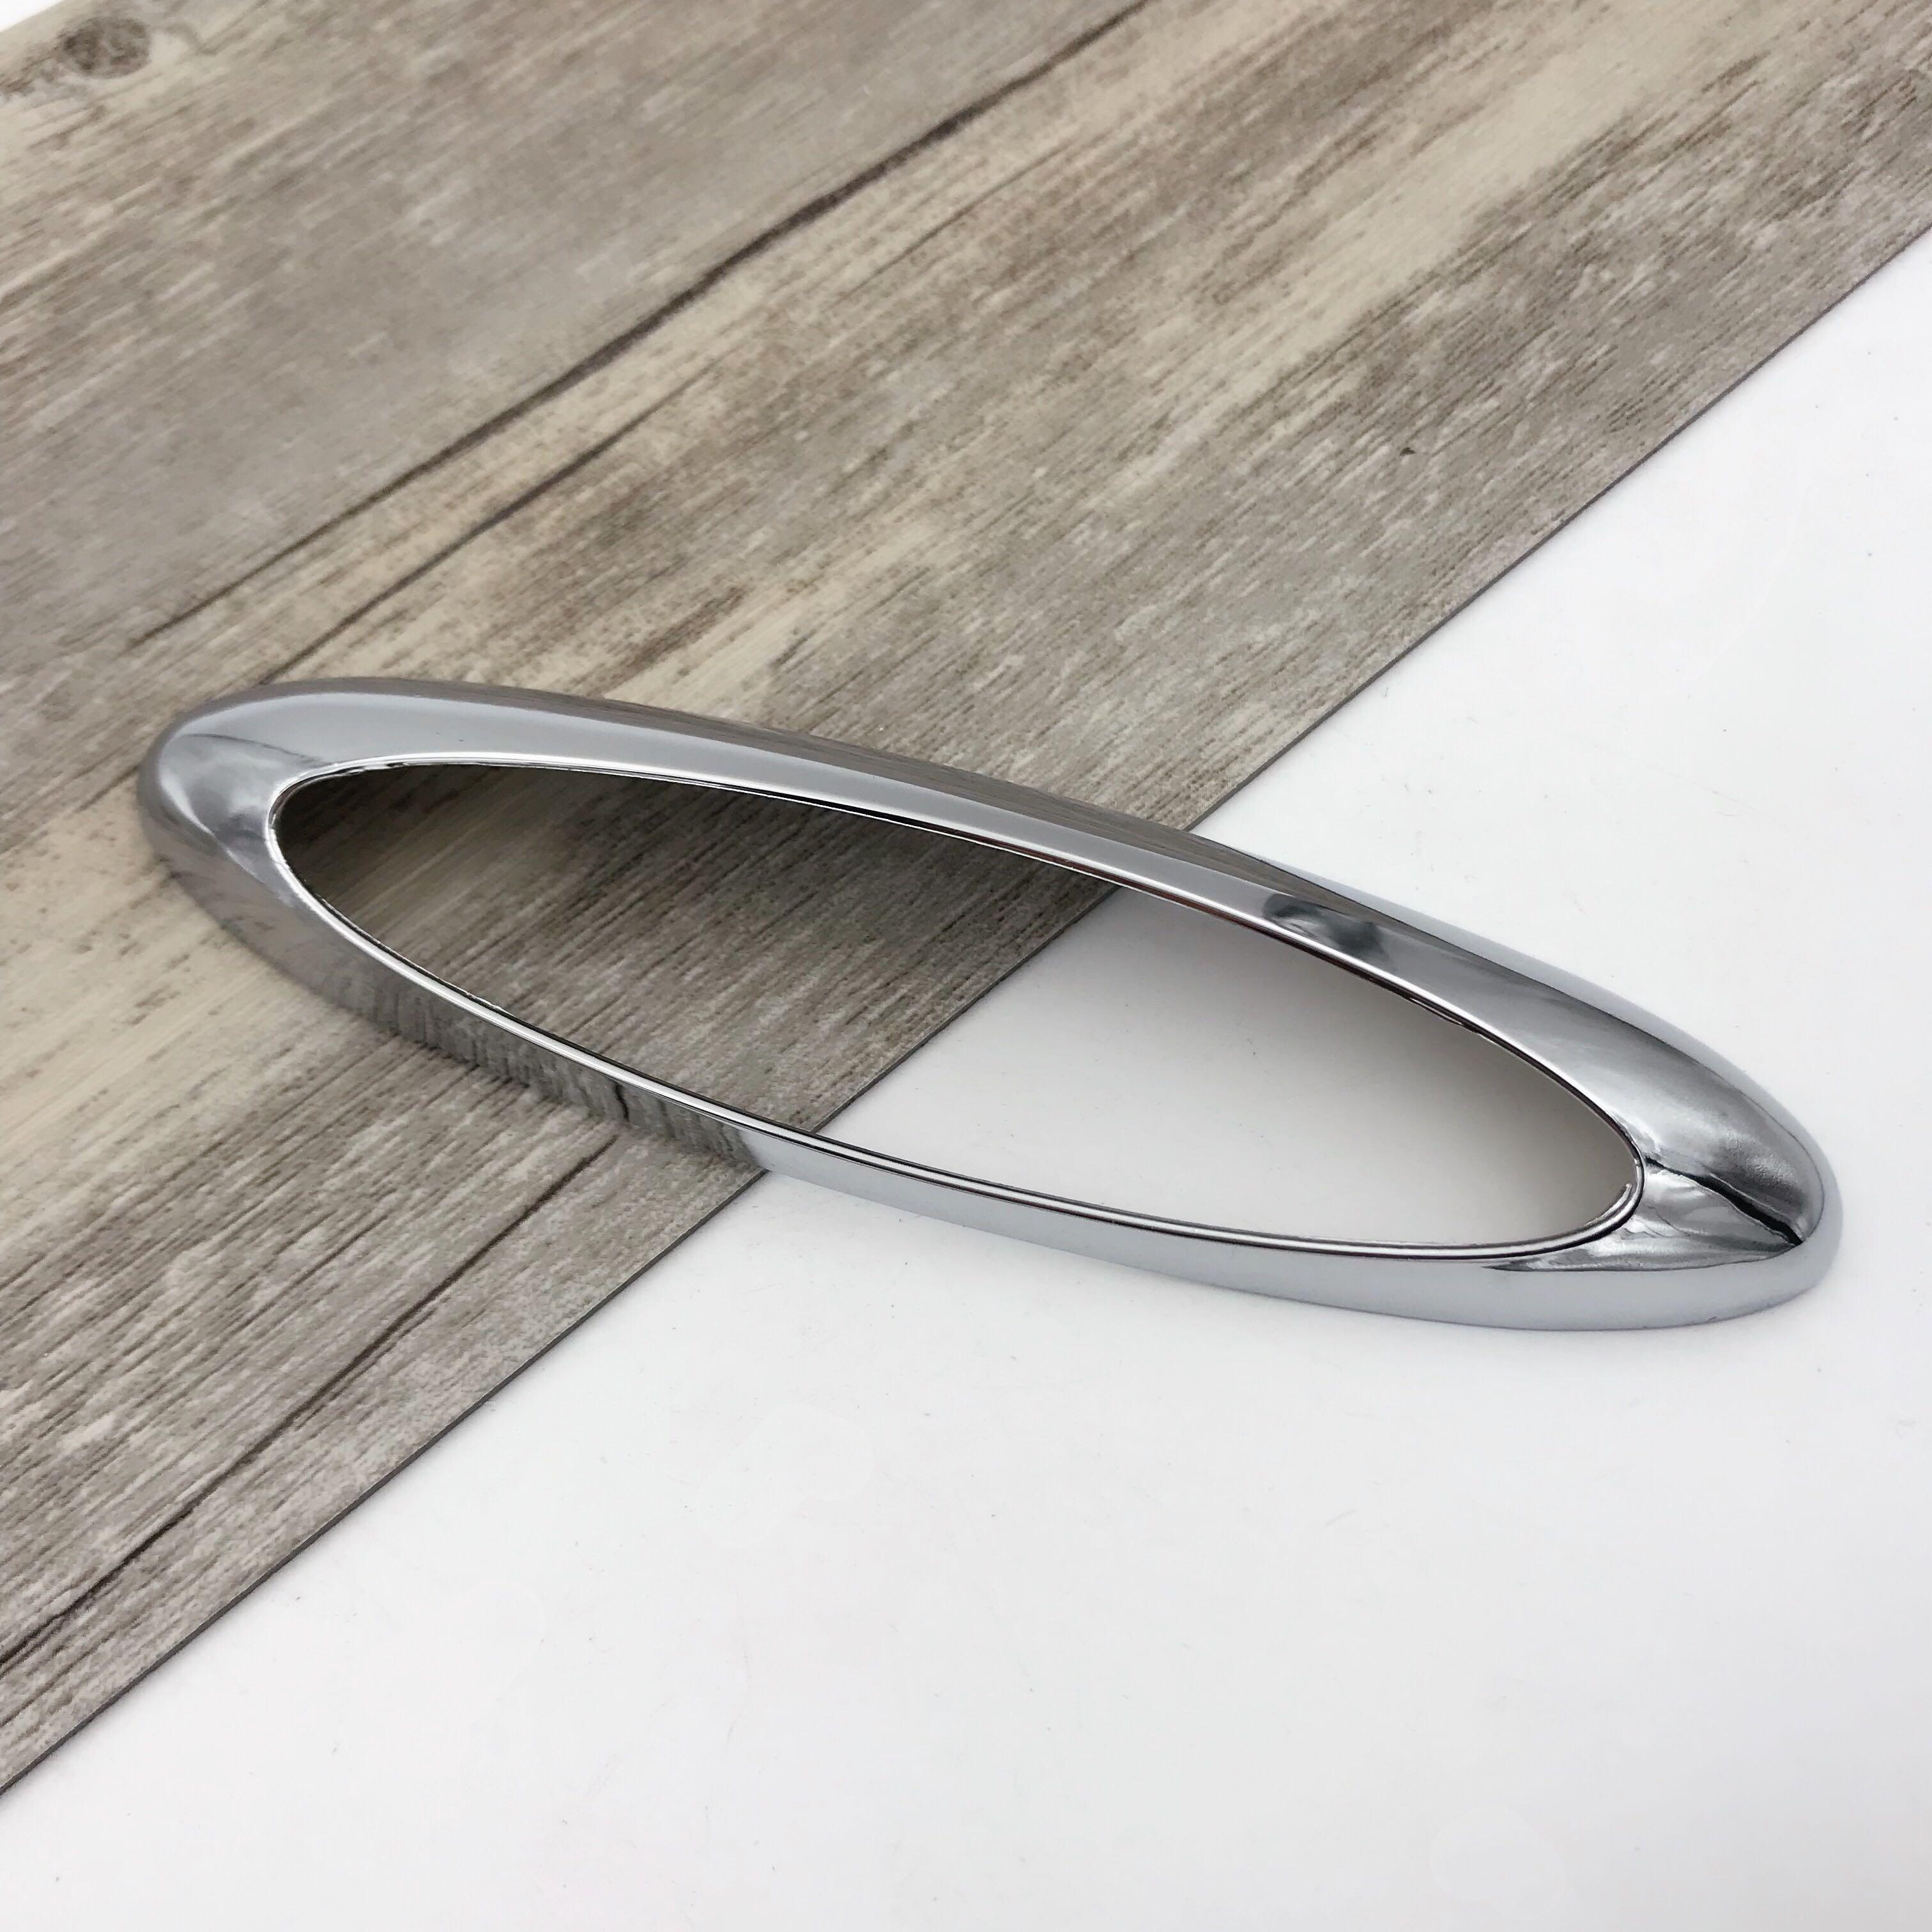 Популярность сплав цинка современный дверь выдвижной ящик обрабатывать мебель аппаратные средства эллипс яркий шкаф гардероб обрабатывать 8011 сейчас в надичии